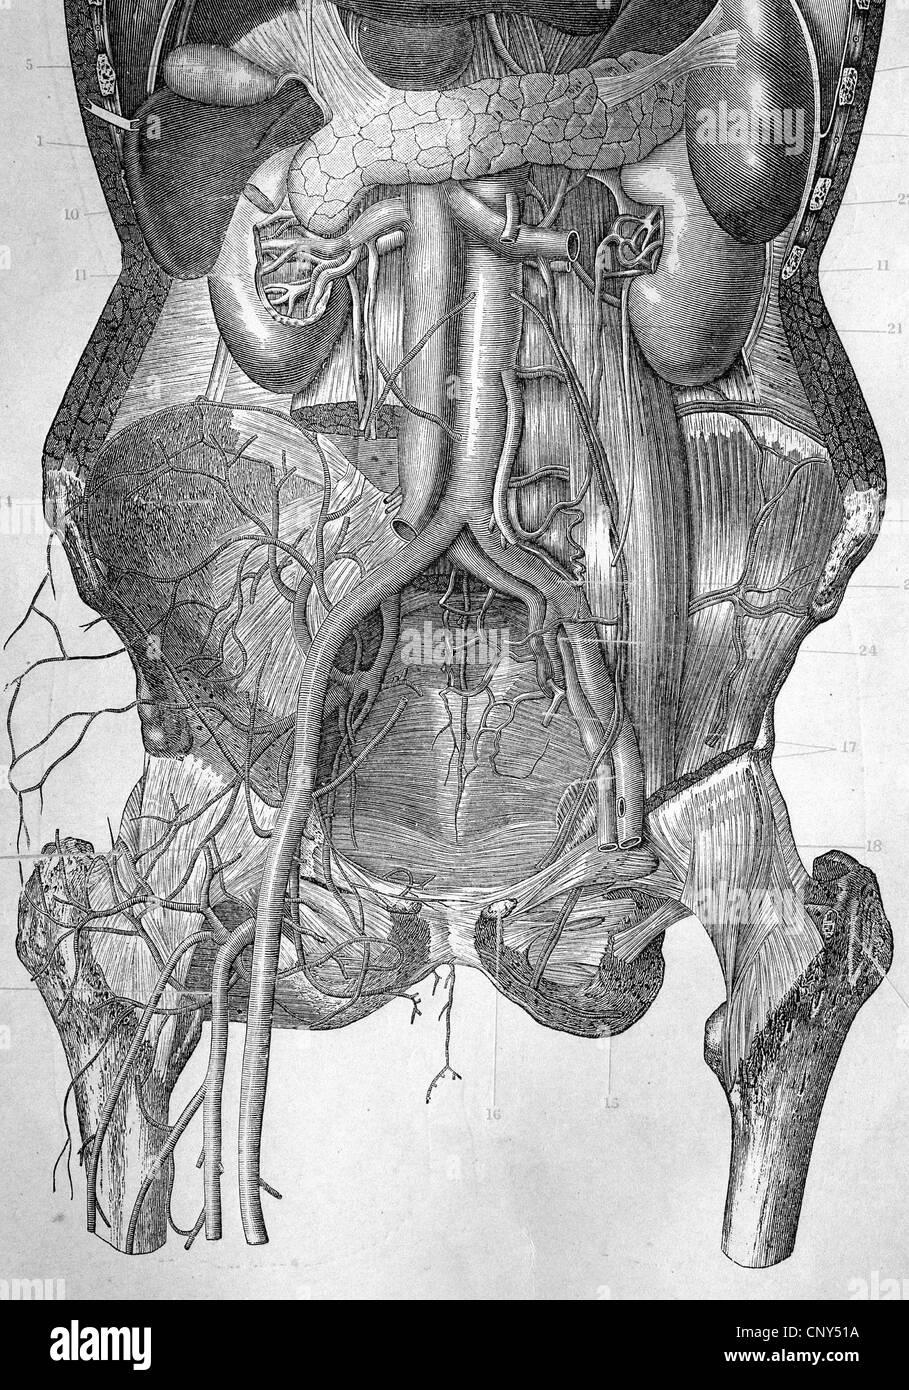 El abdomen del estómago e intestinos humanos tras la extracción de ...